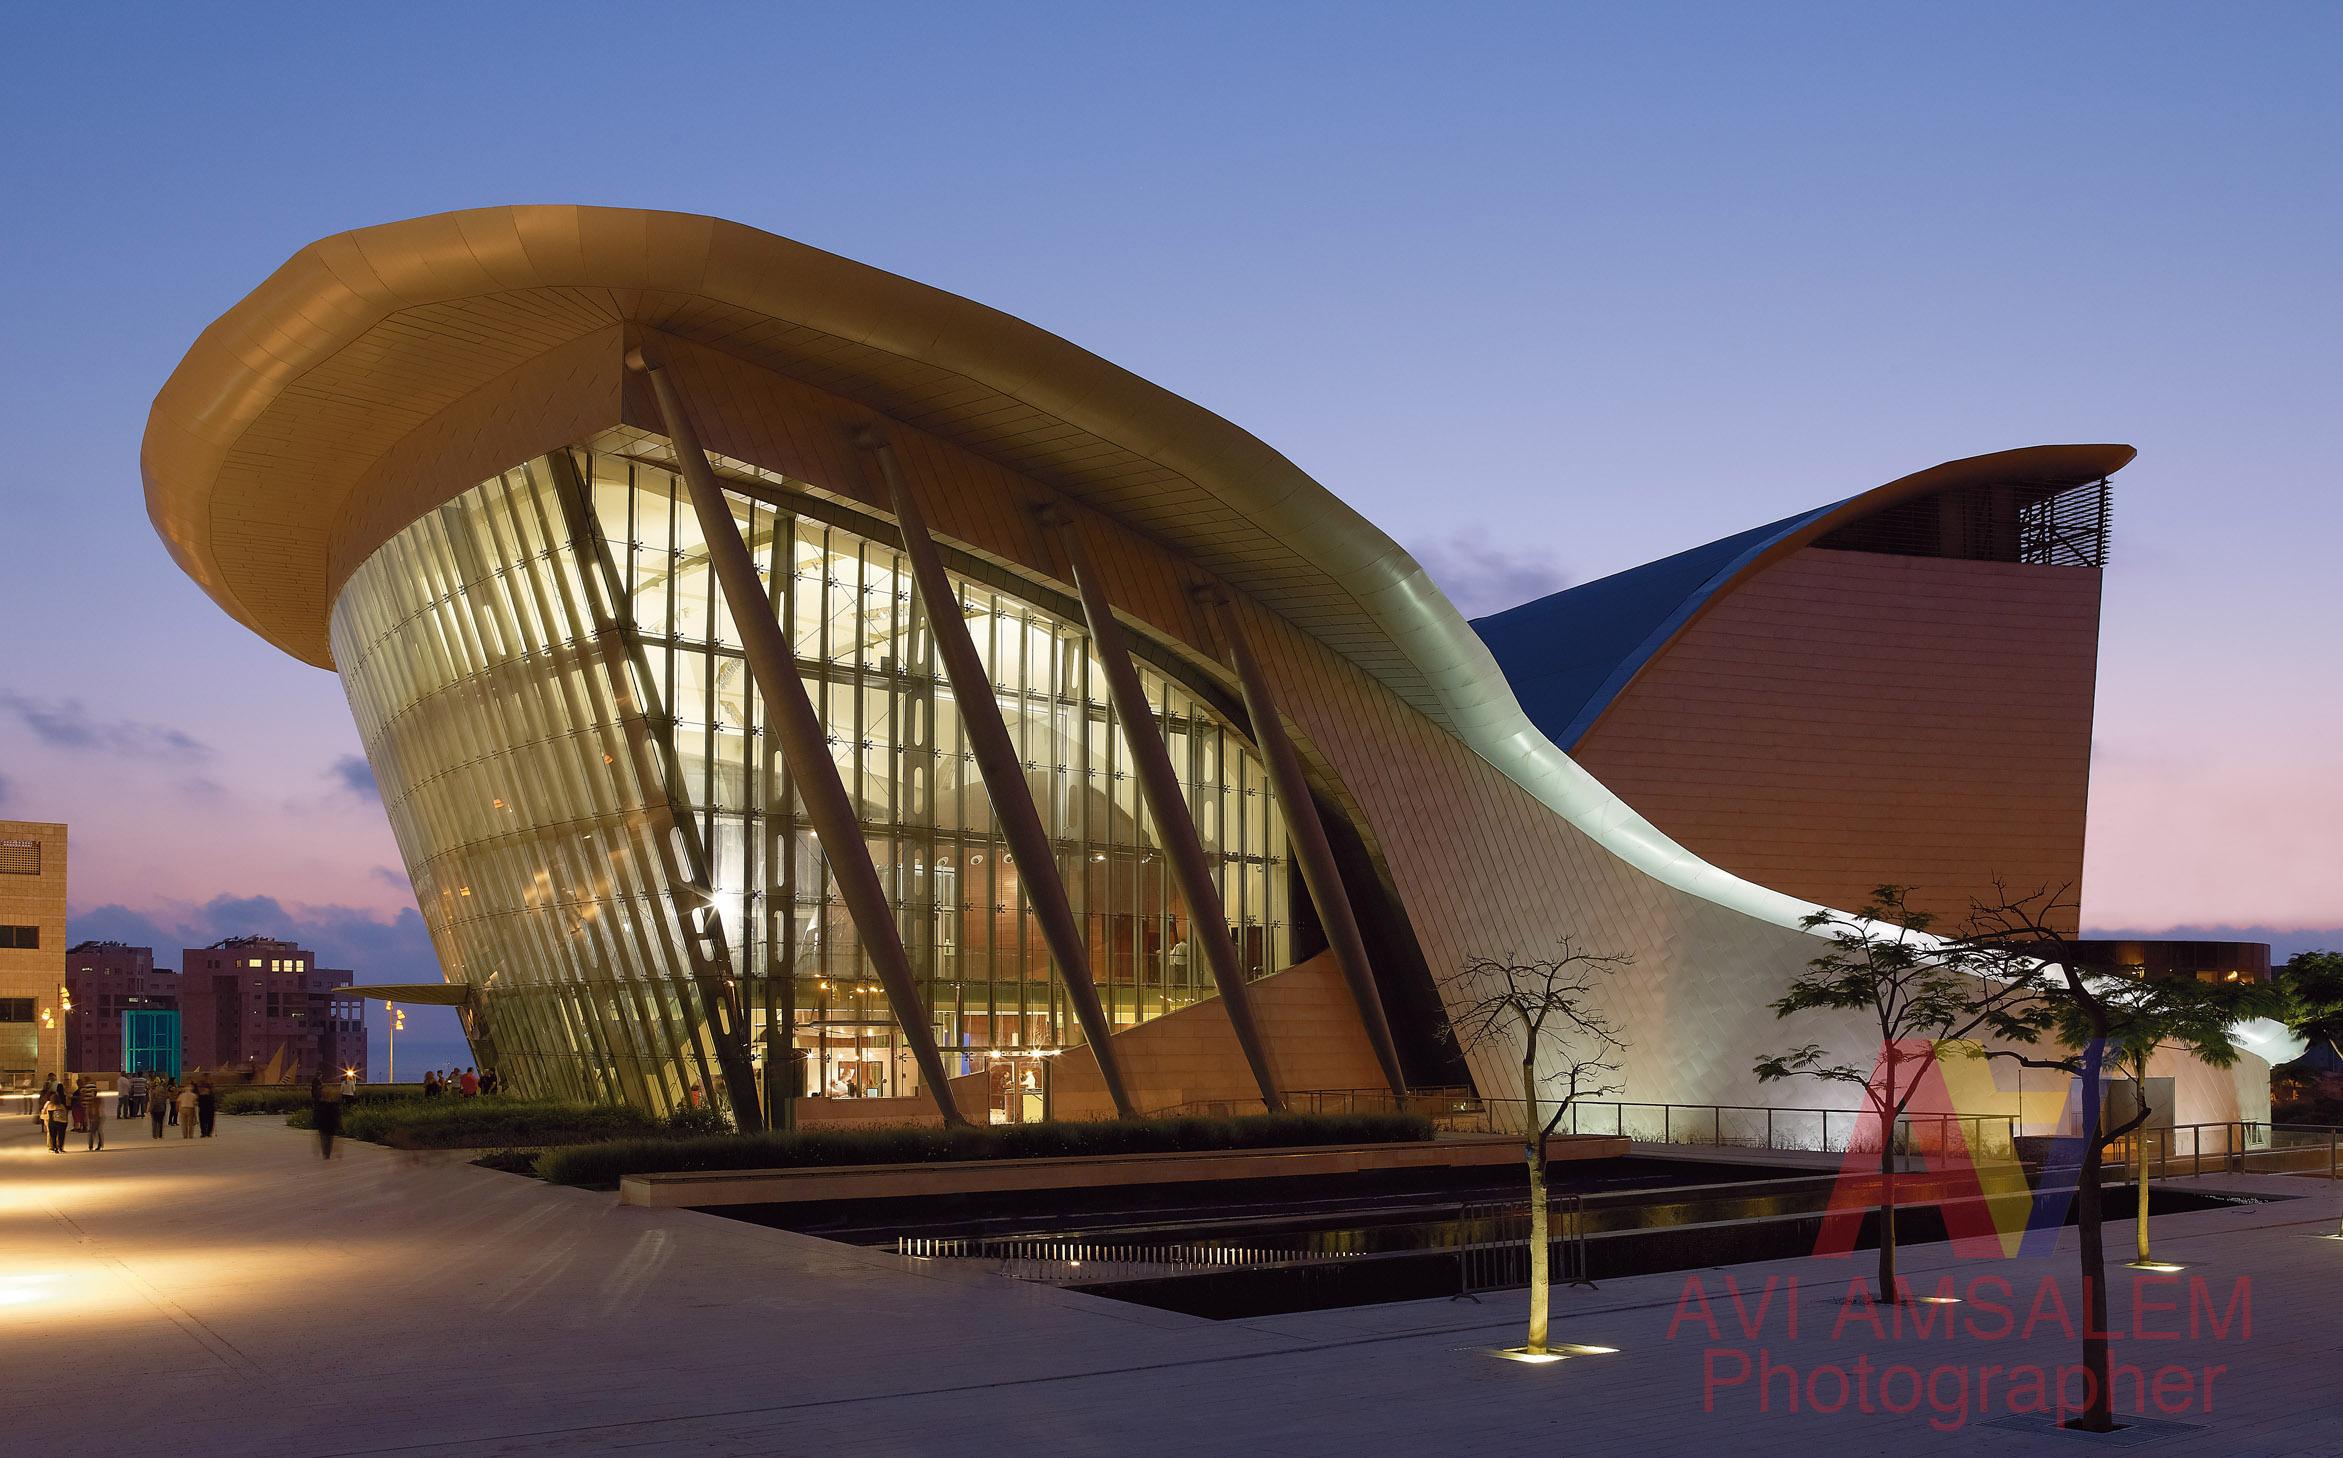 צילום ארכיטקטורה 21